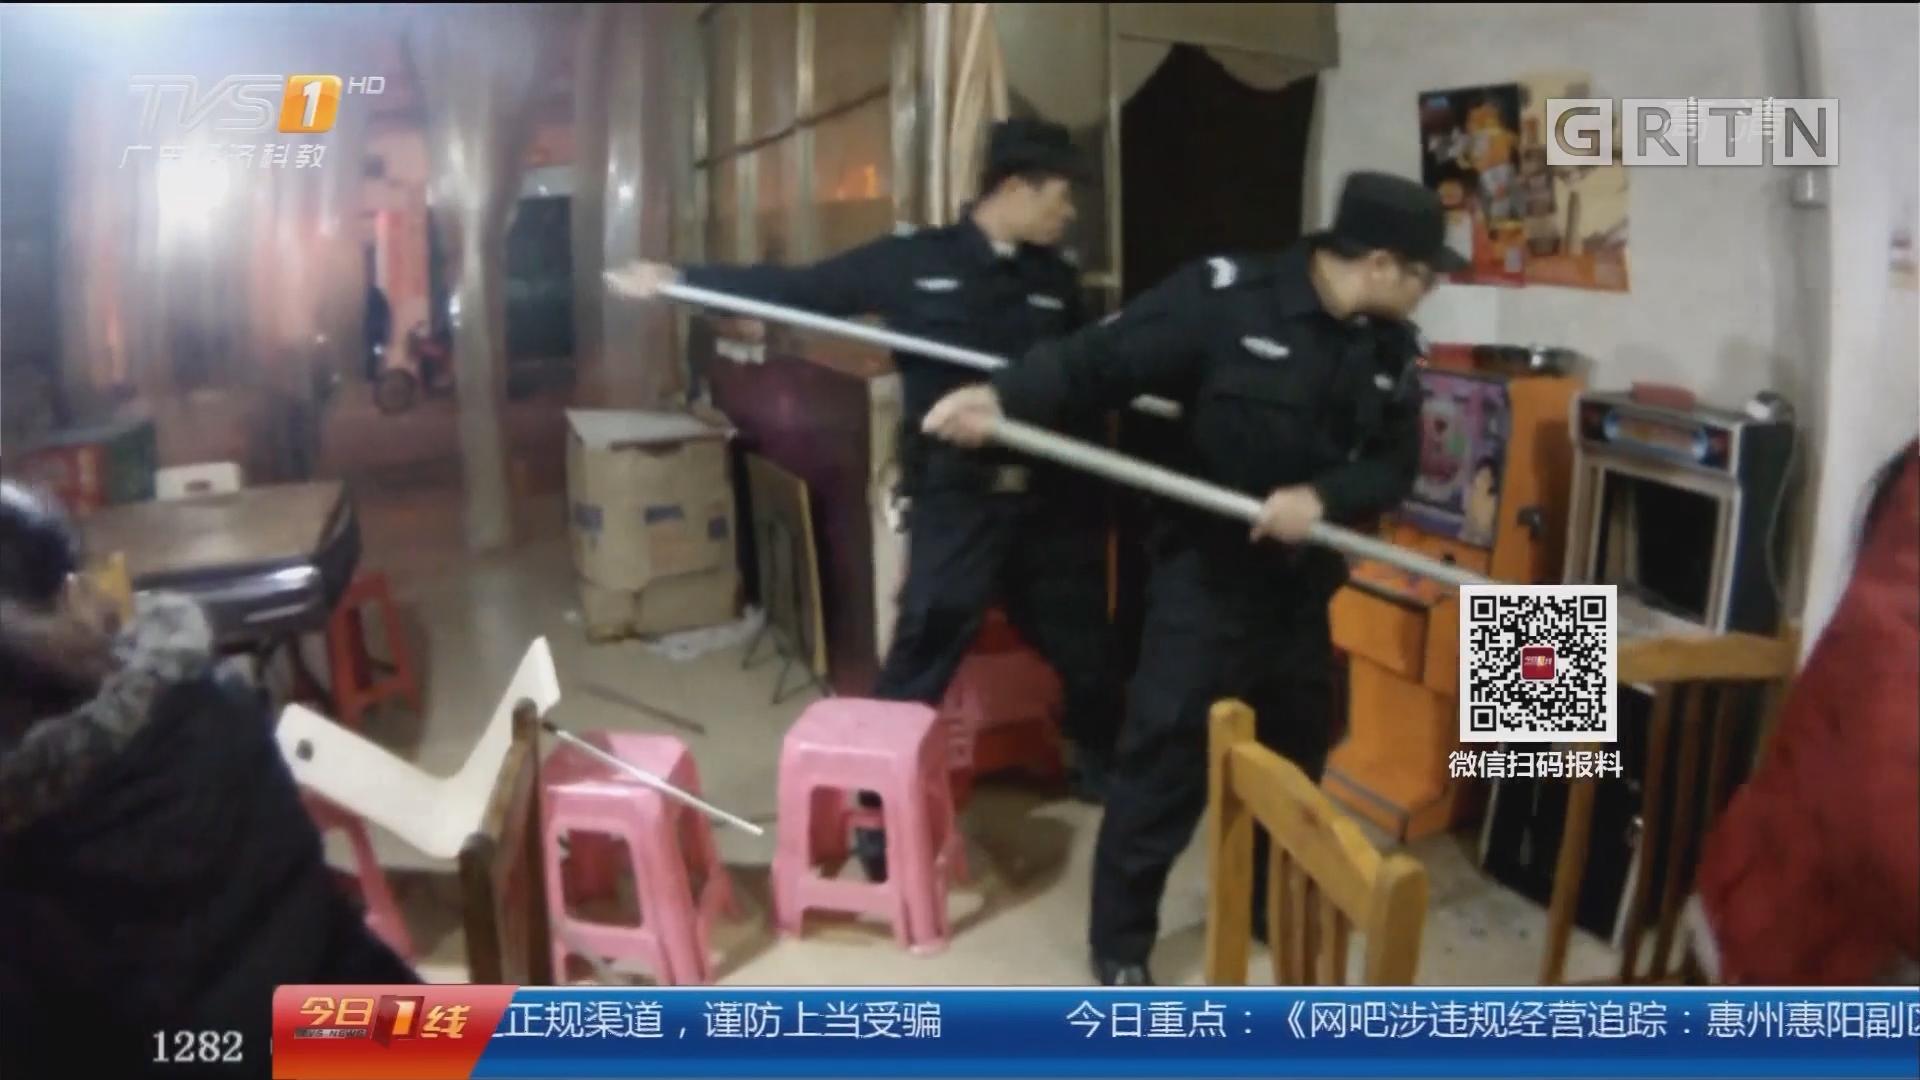 肇庆鼎湖:村中藏匿老虎机 警方出手打击